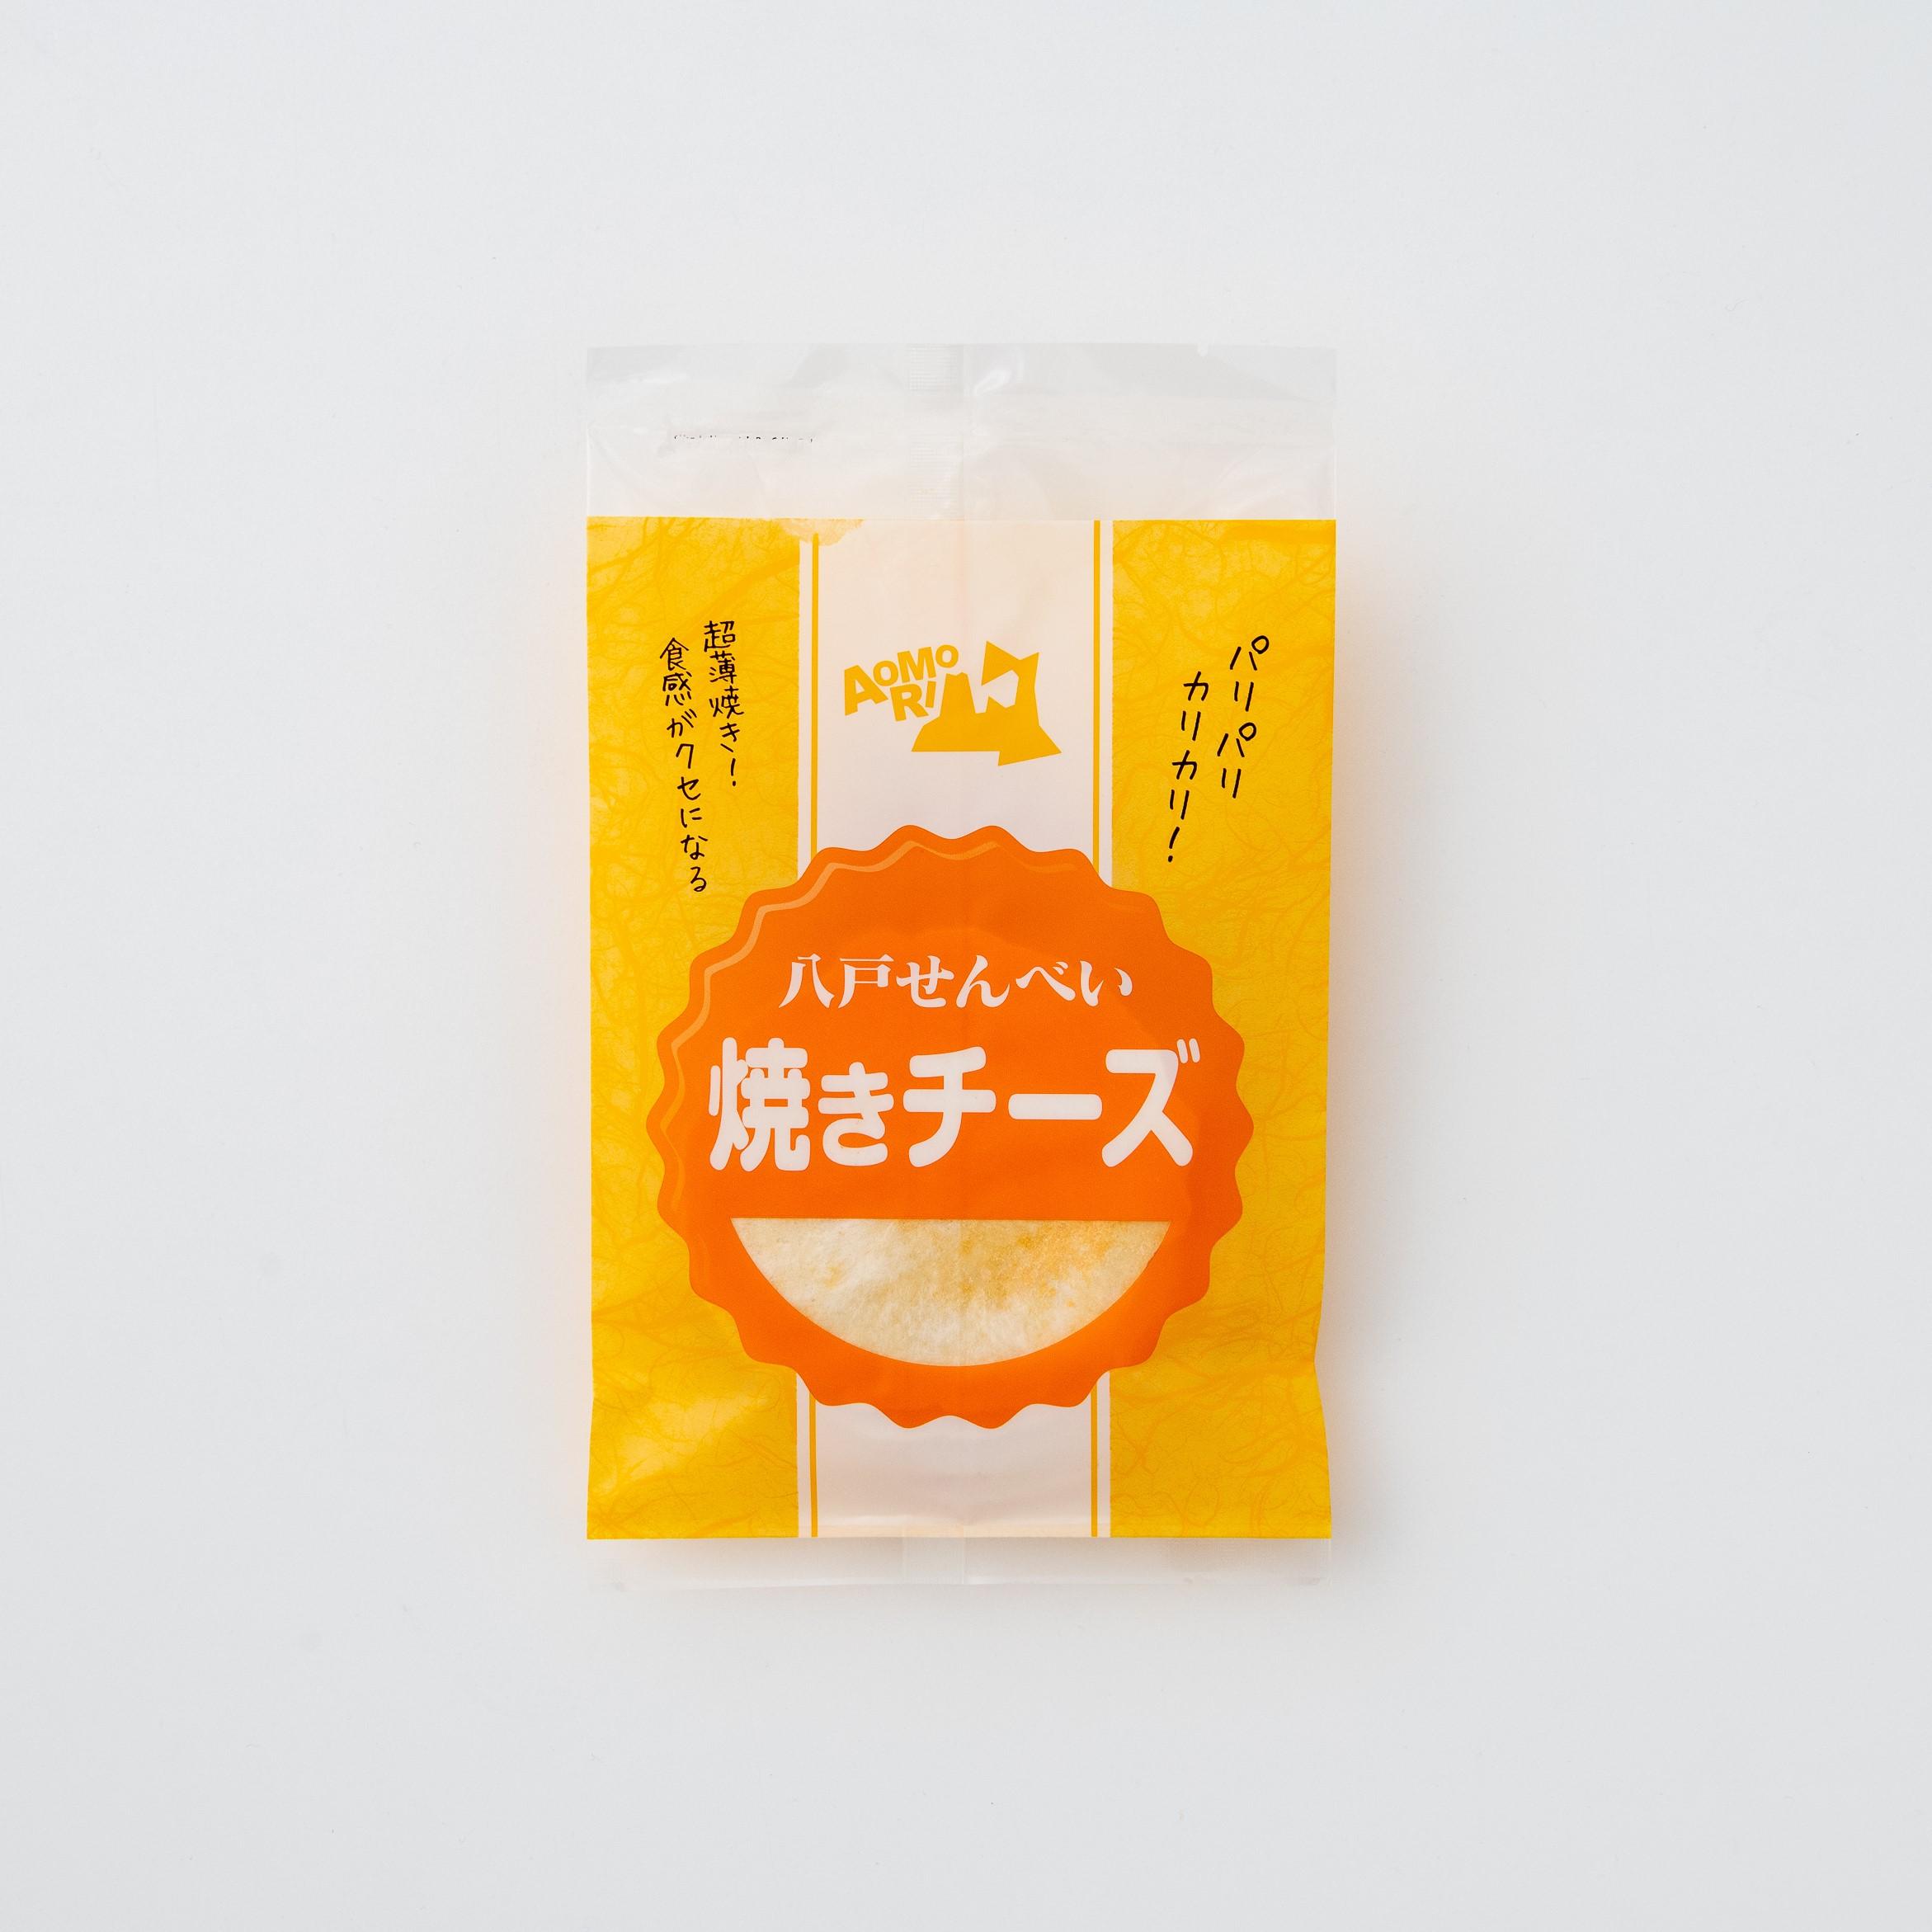 八戸せんべい 焼きチーズ